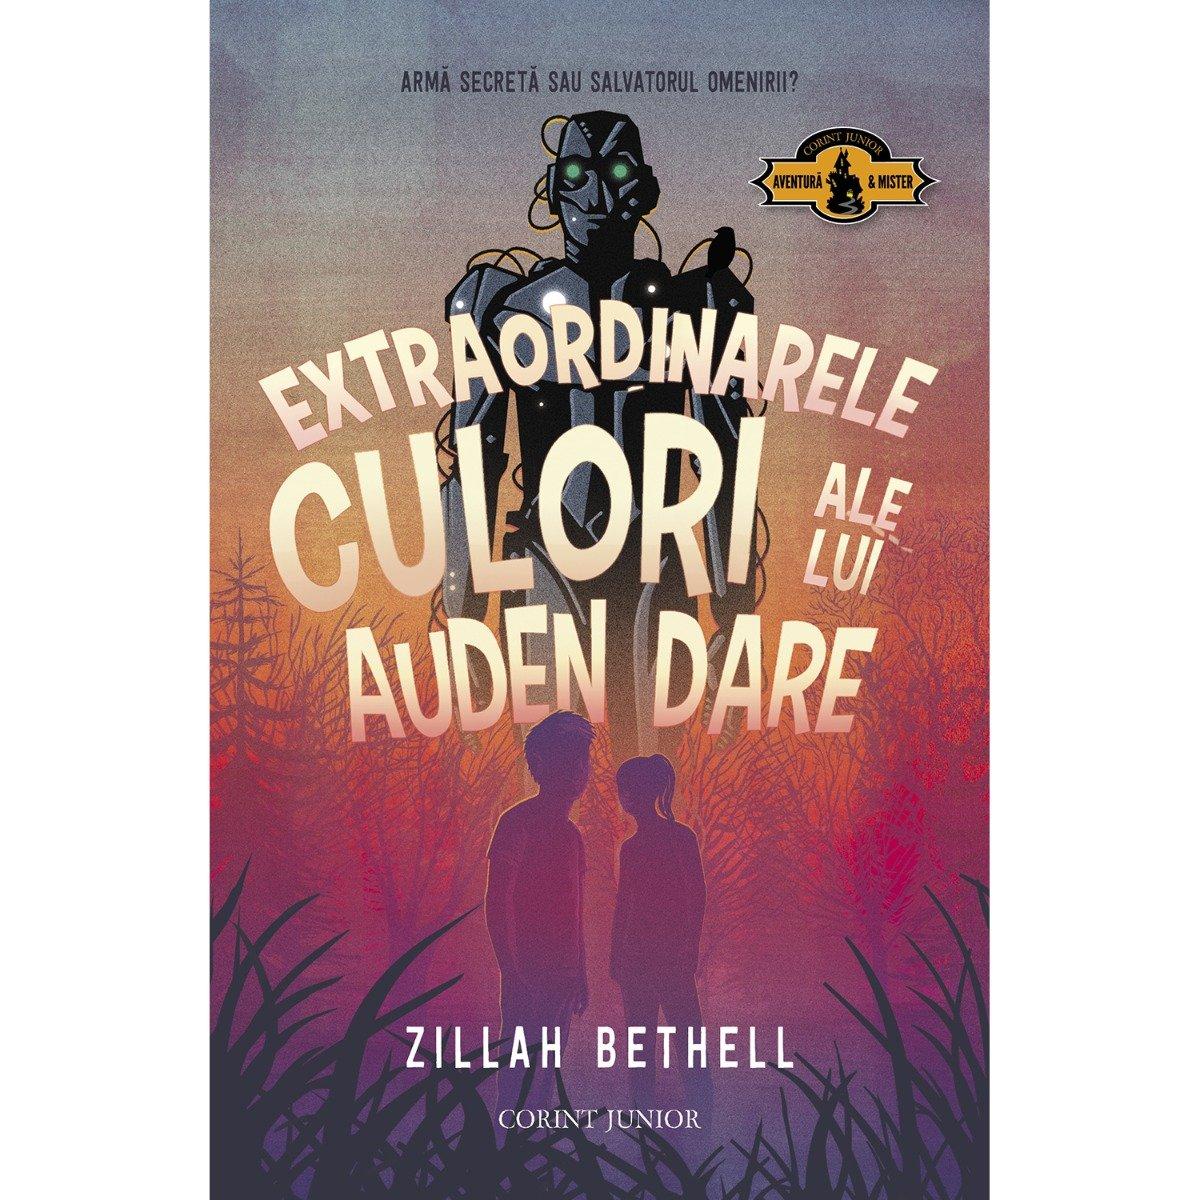 Extraordinarele culori ale lui Auden Dare, Zillah Bethell